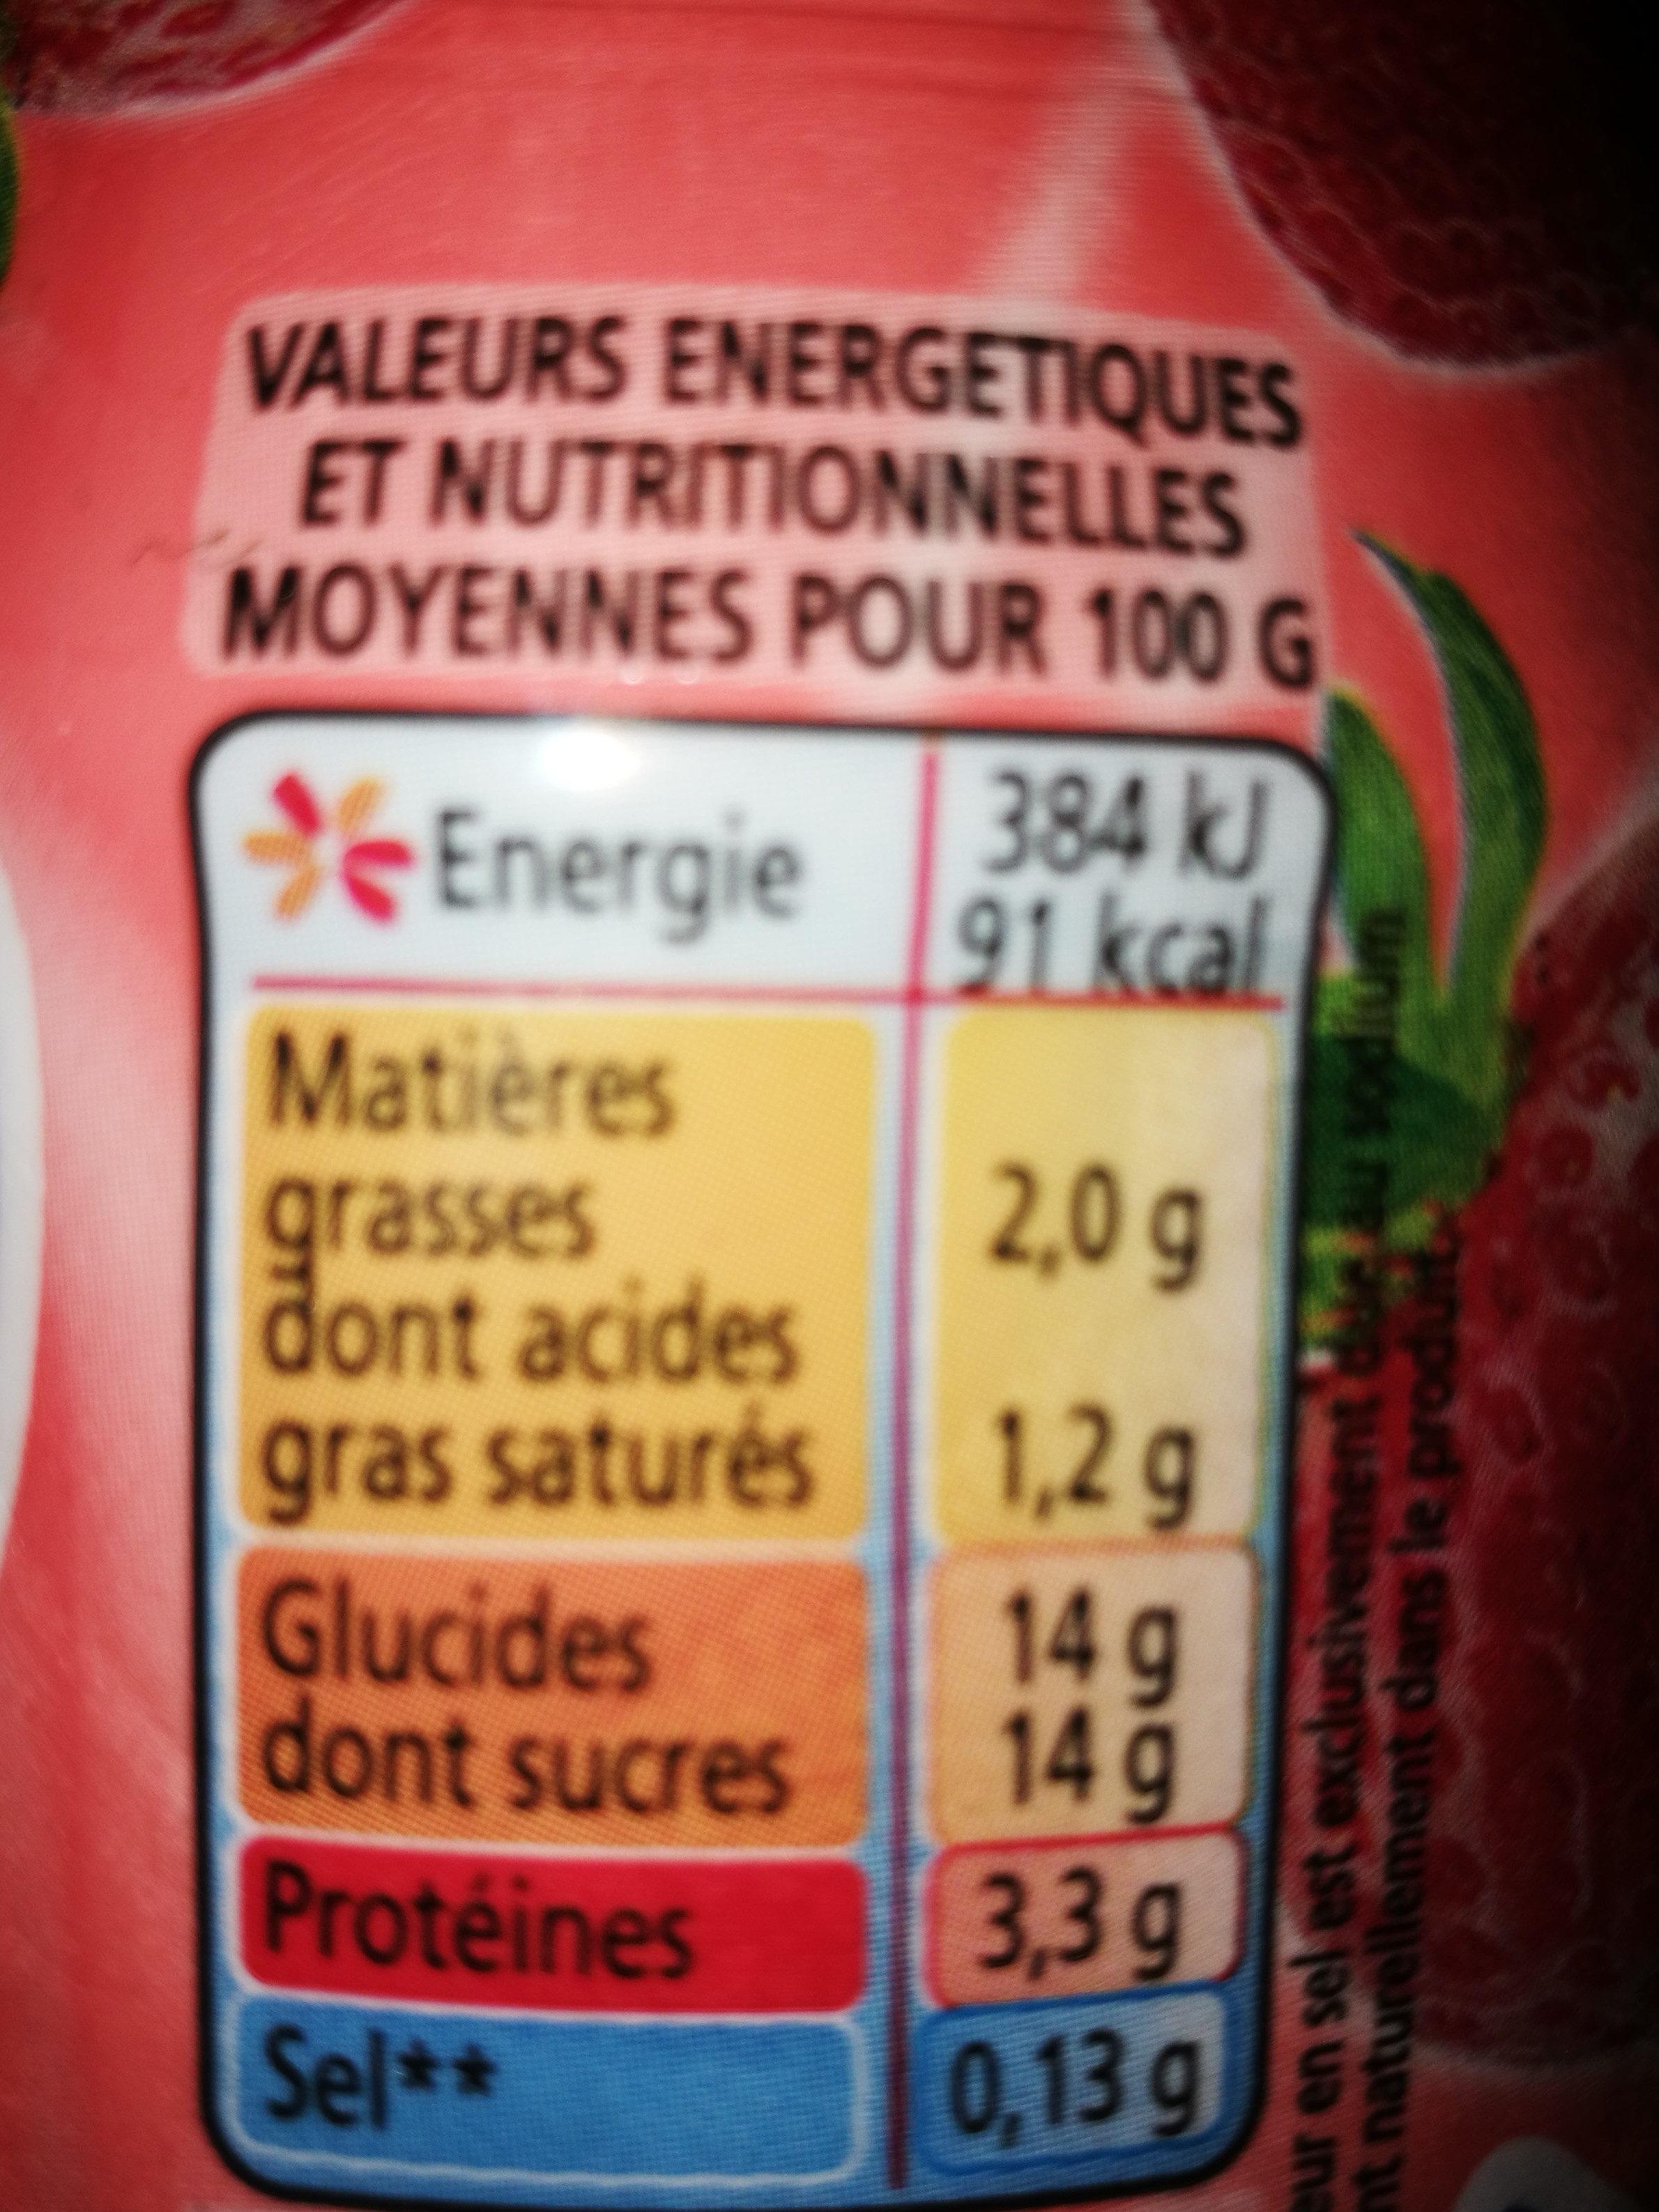 Yoaurt à boire pulpe fraise Yop Fraise - Informations nutritionnelles - fr